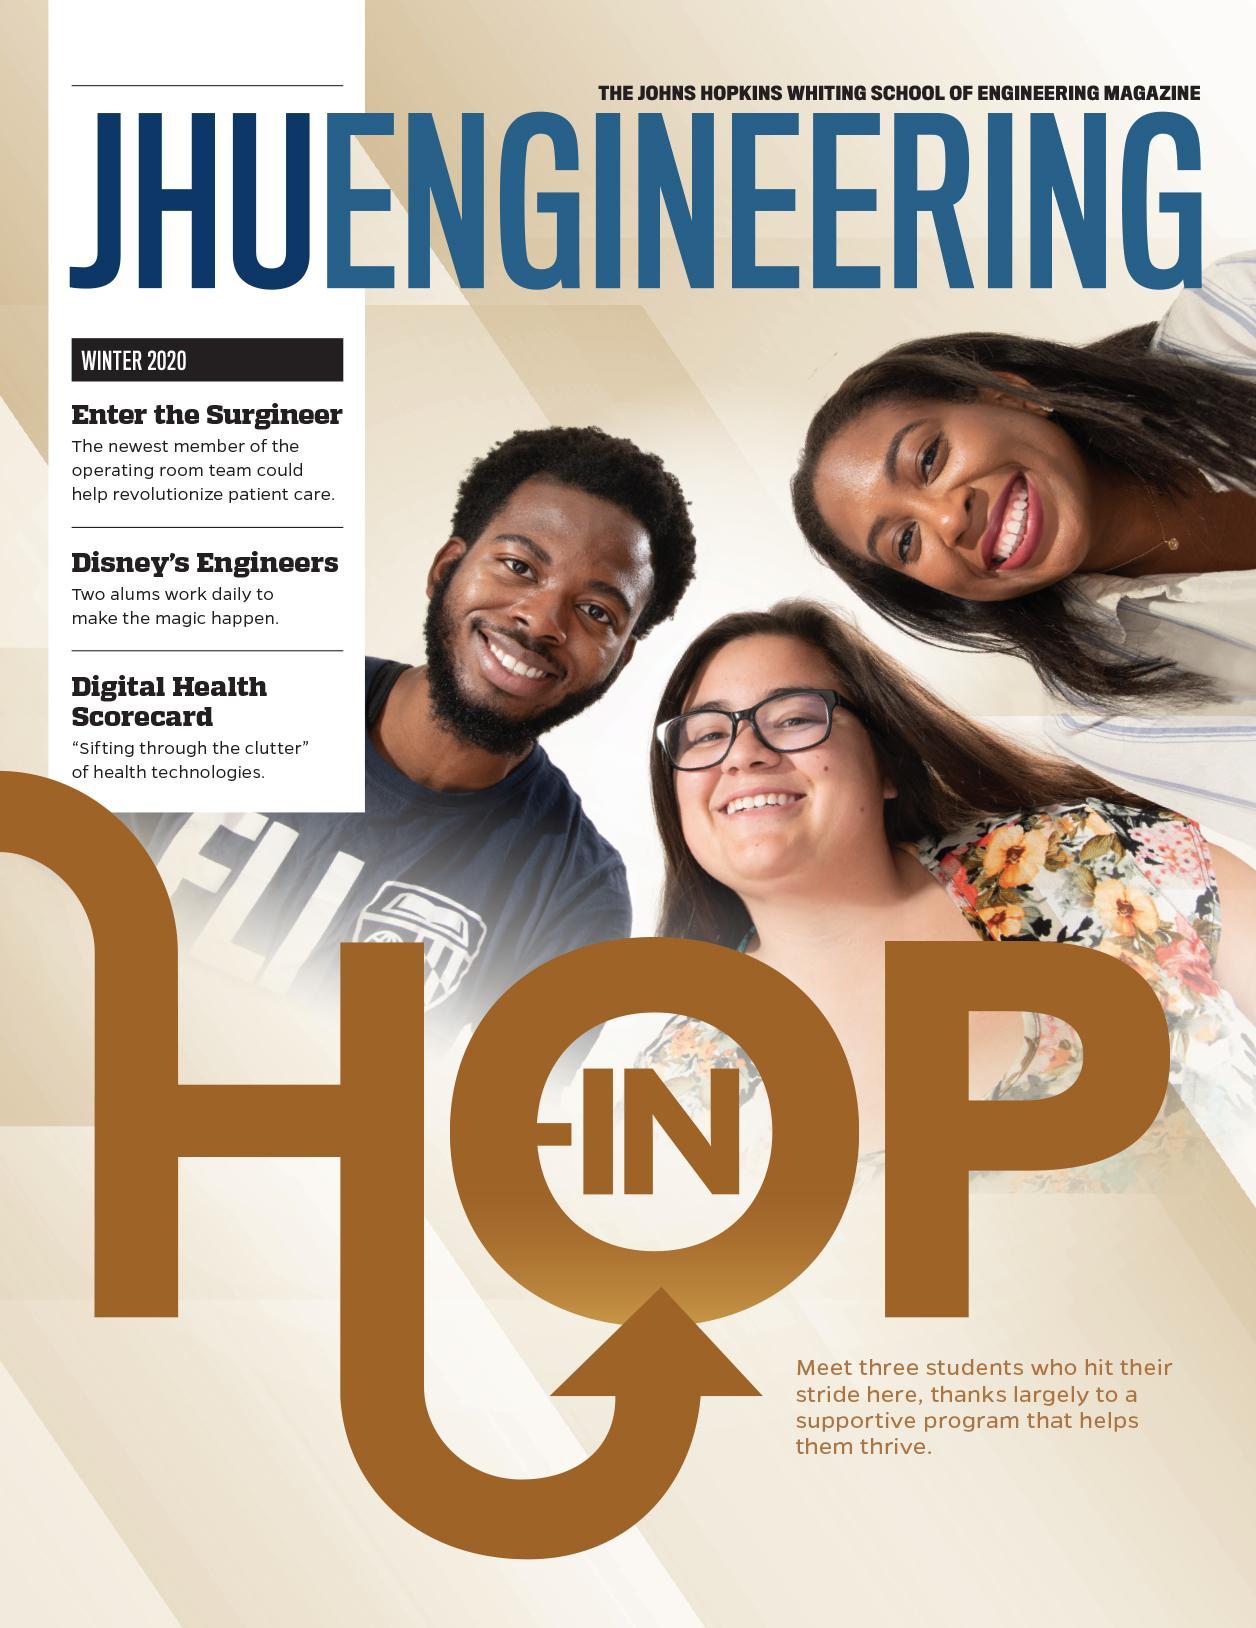 JHU Engineering - Winter 2020